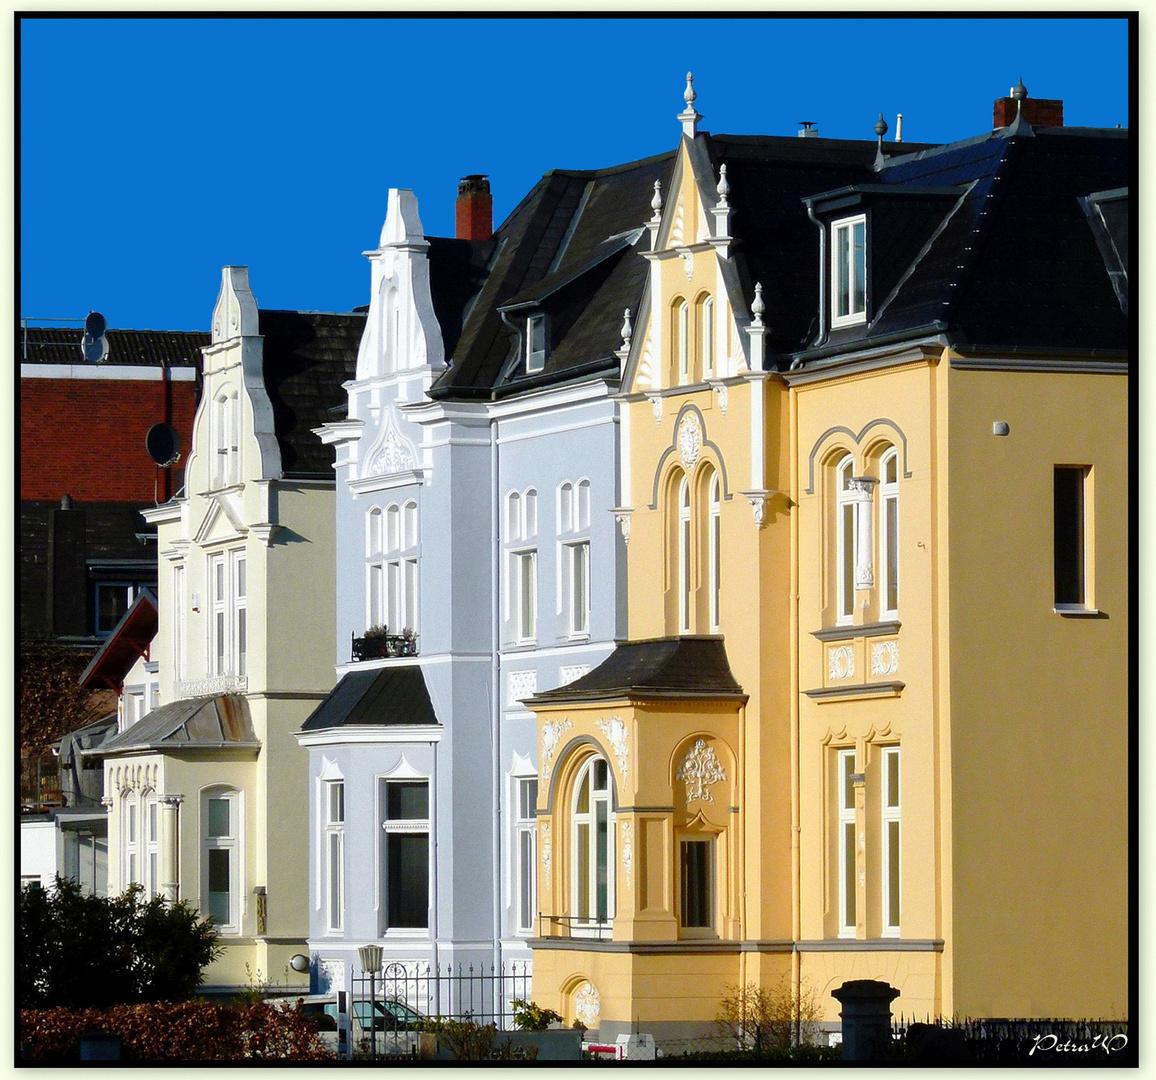 Schöne Fassaden Foto & Bild